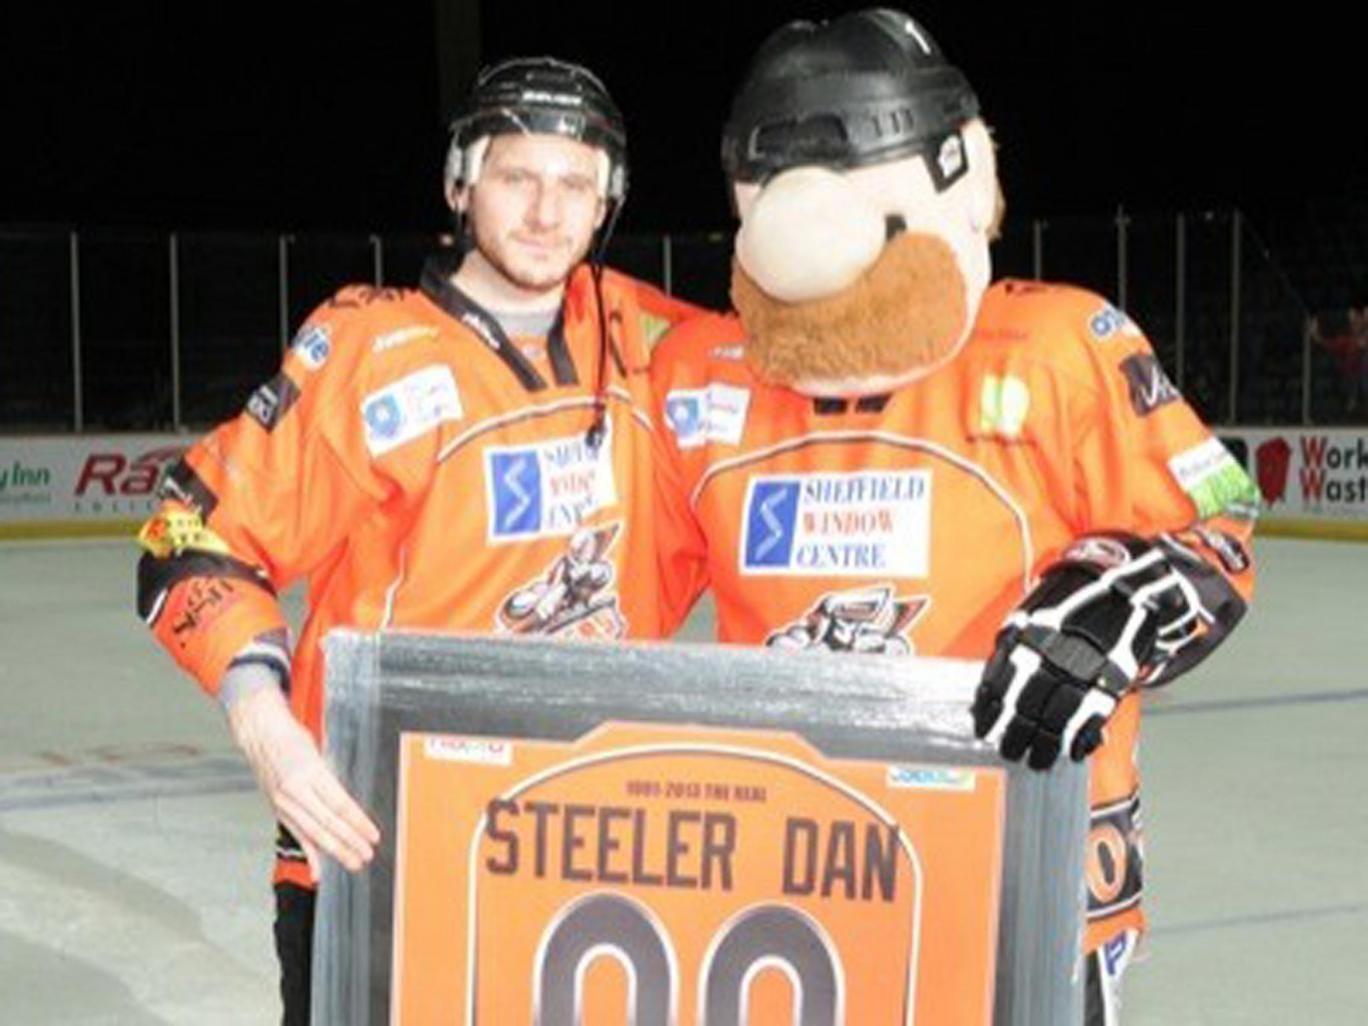 Mascot Steeler Dan is honoured by his team